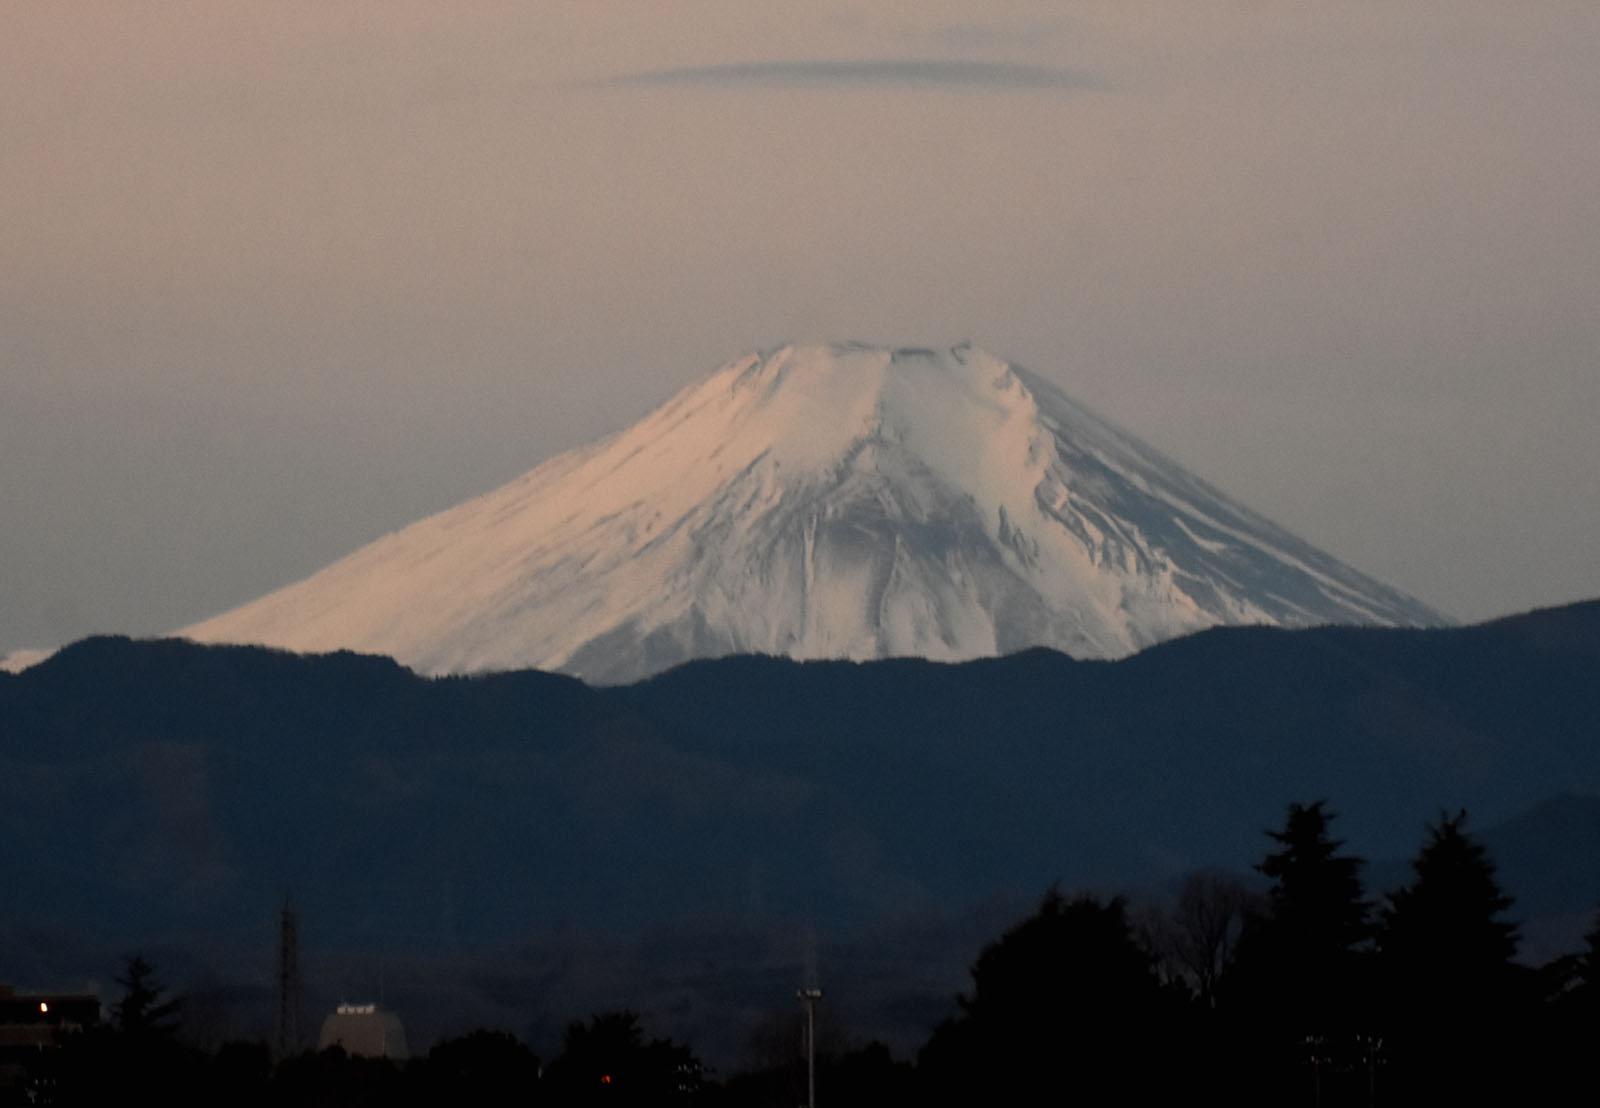 Fuji190128g549